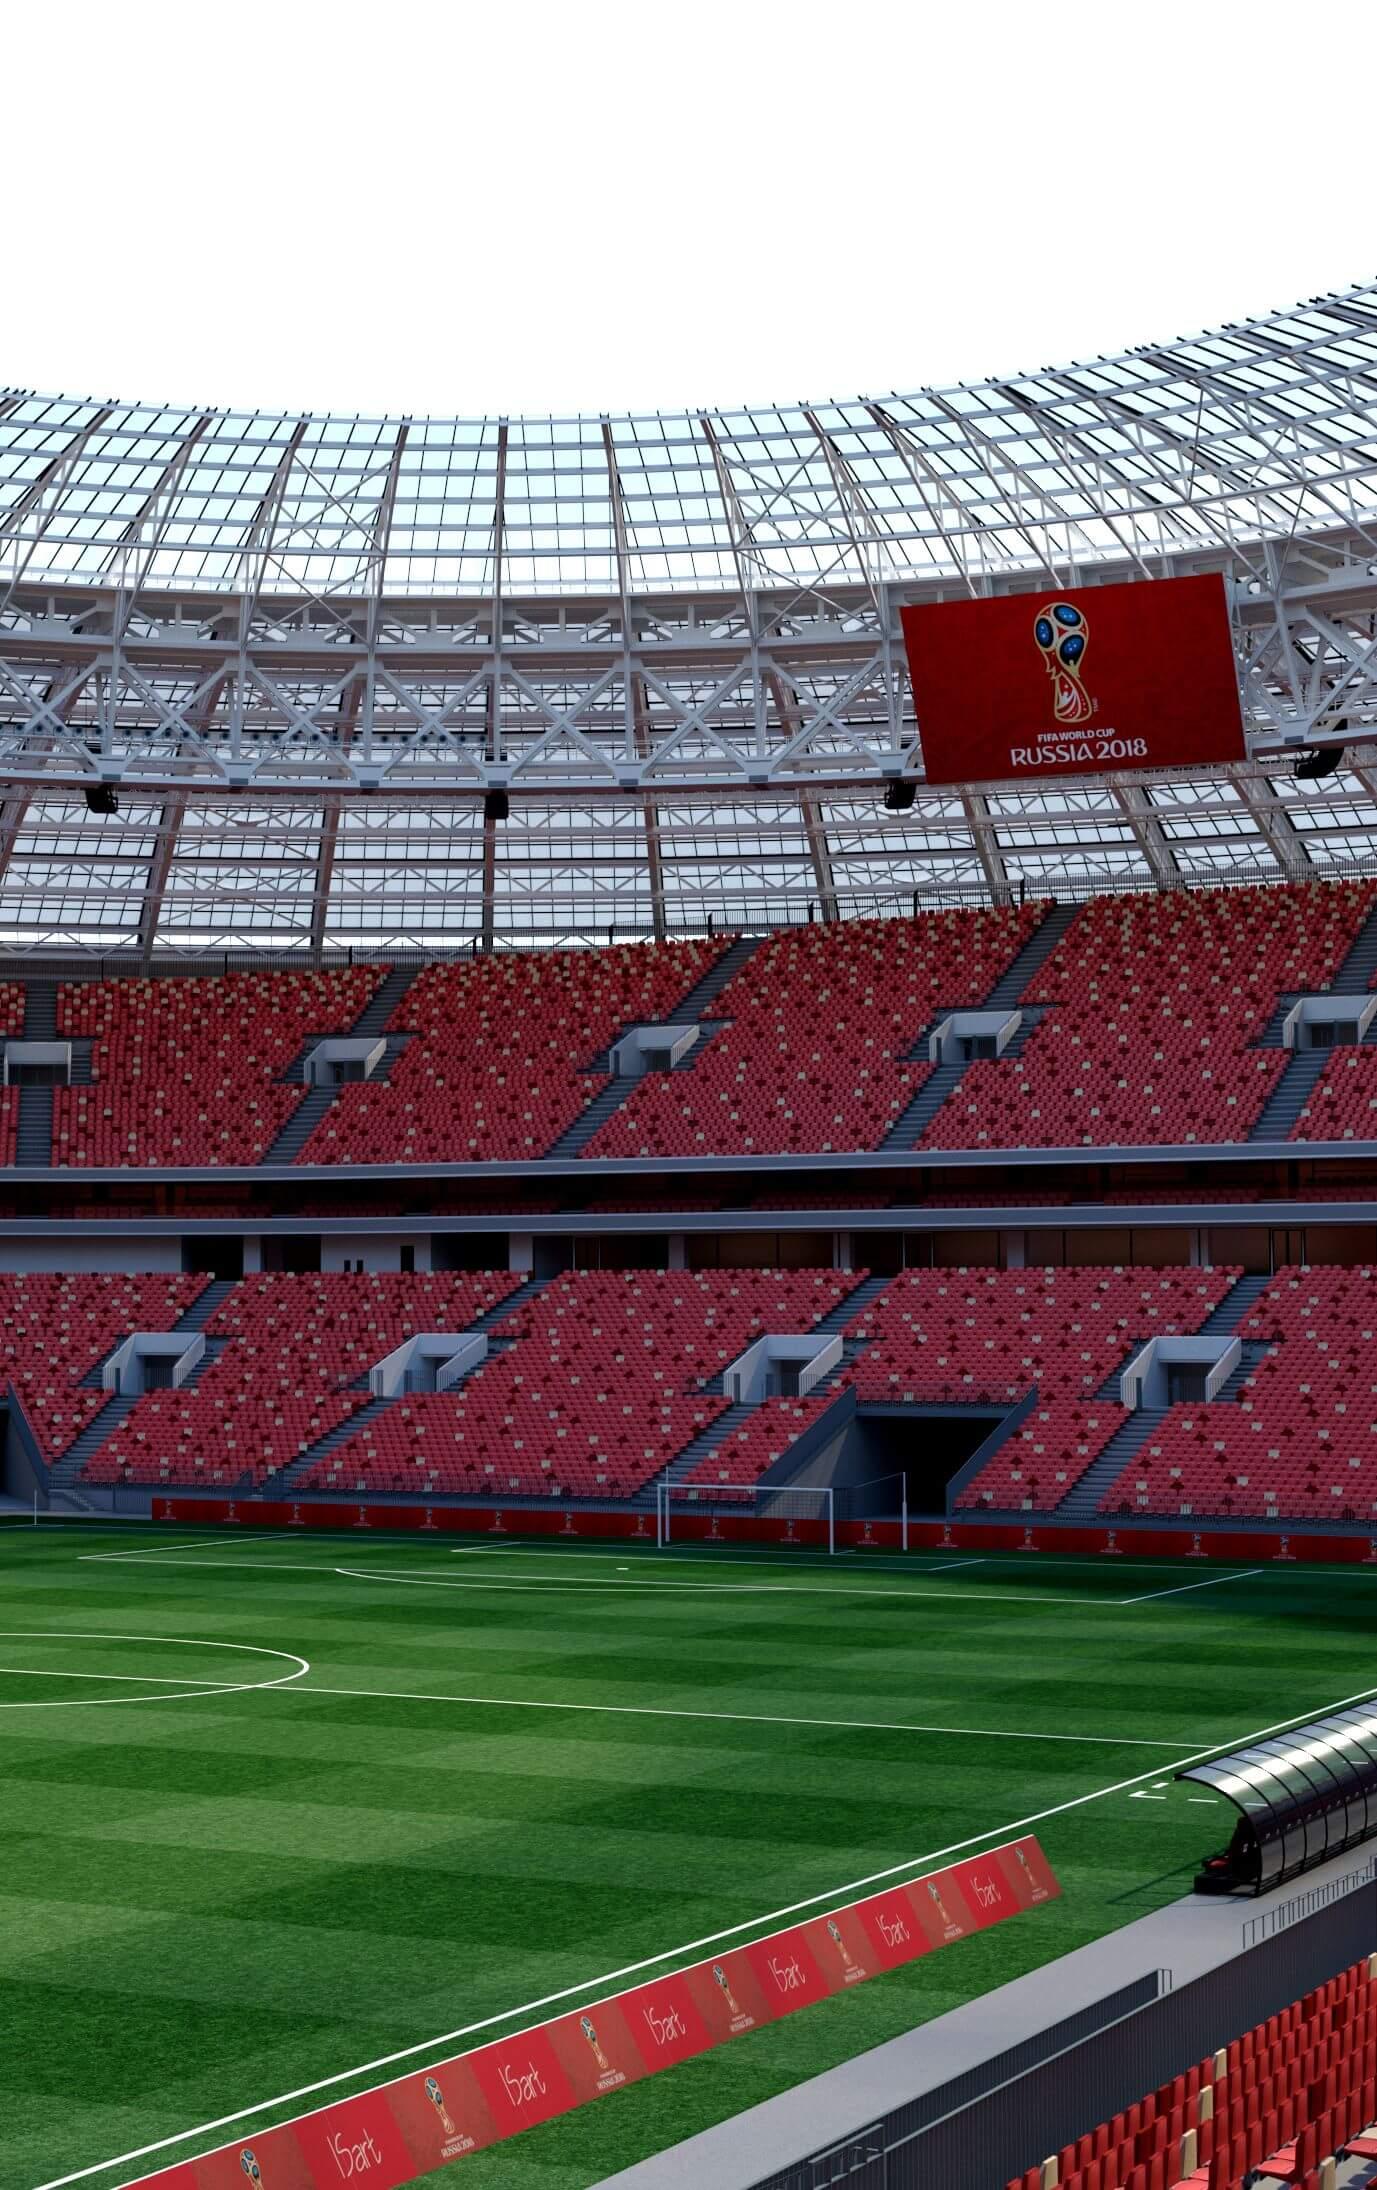 Visão interna do estádio olímpico de Lujniki com legendas